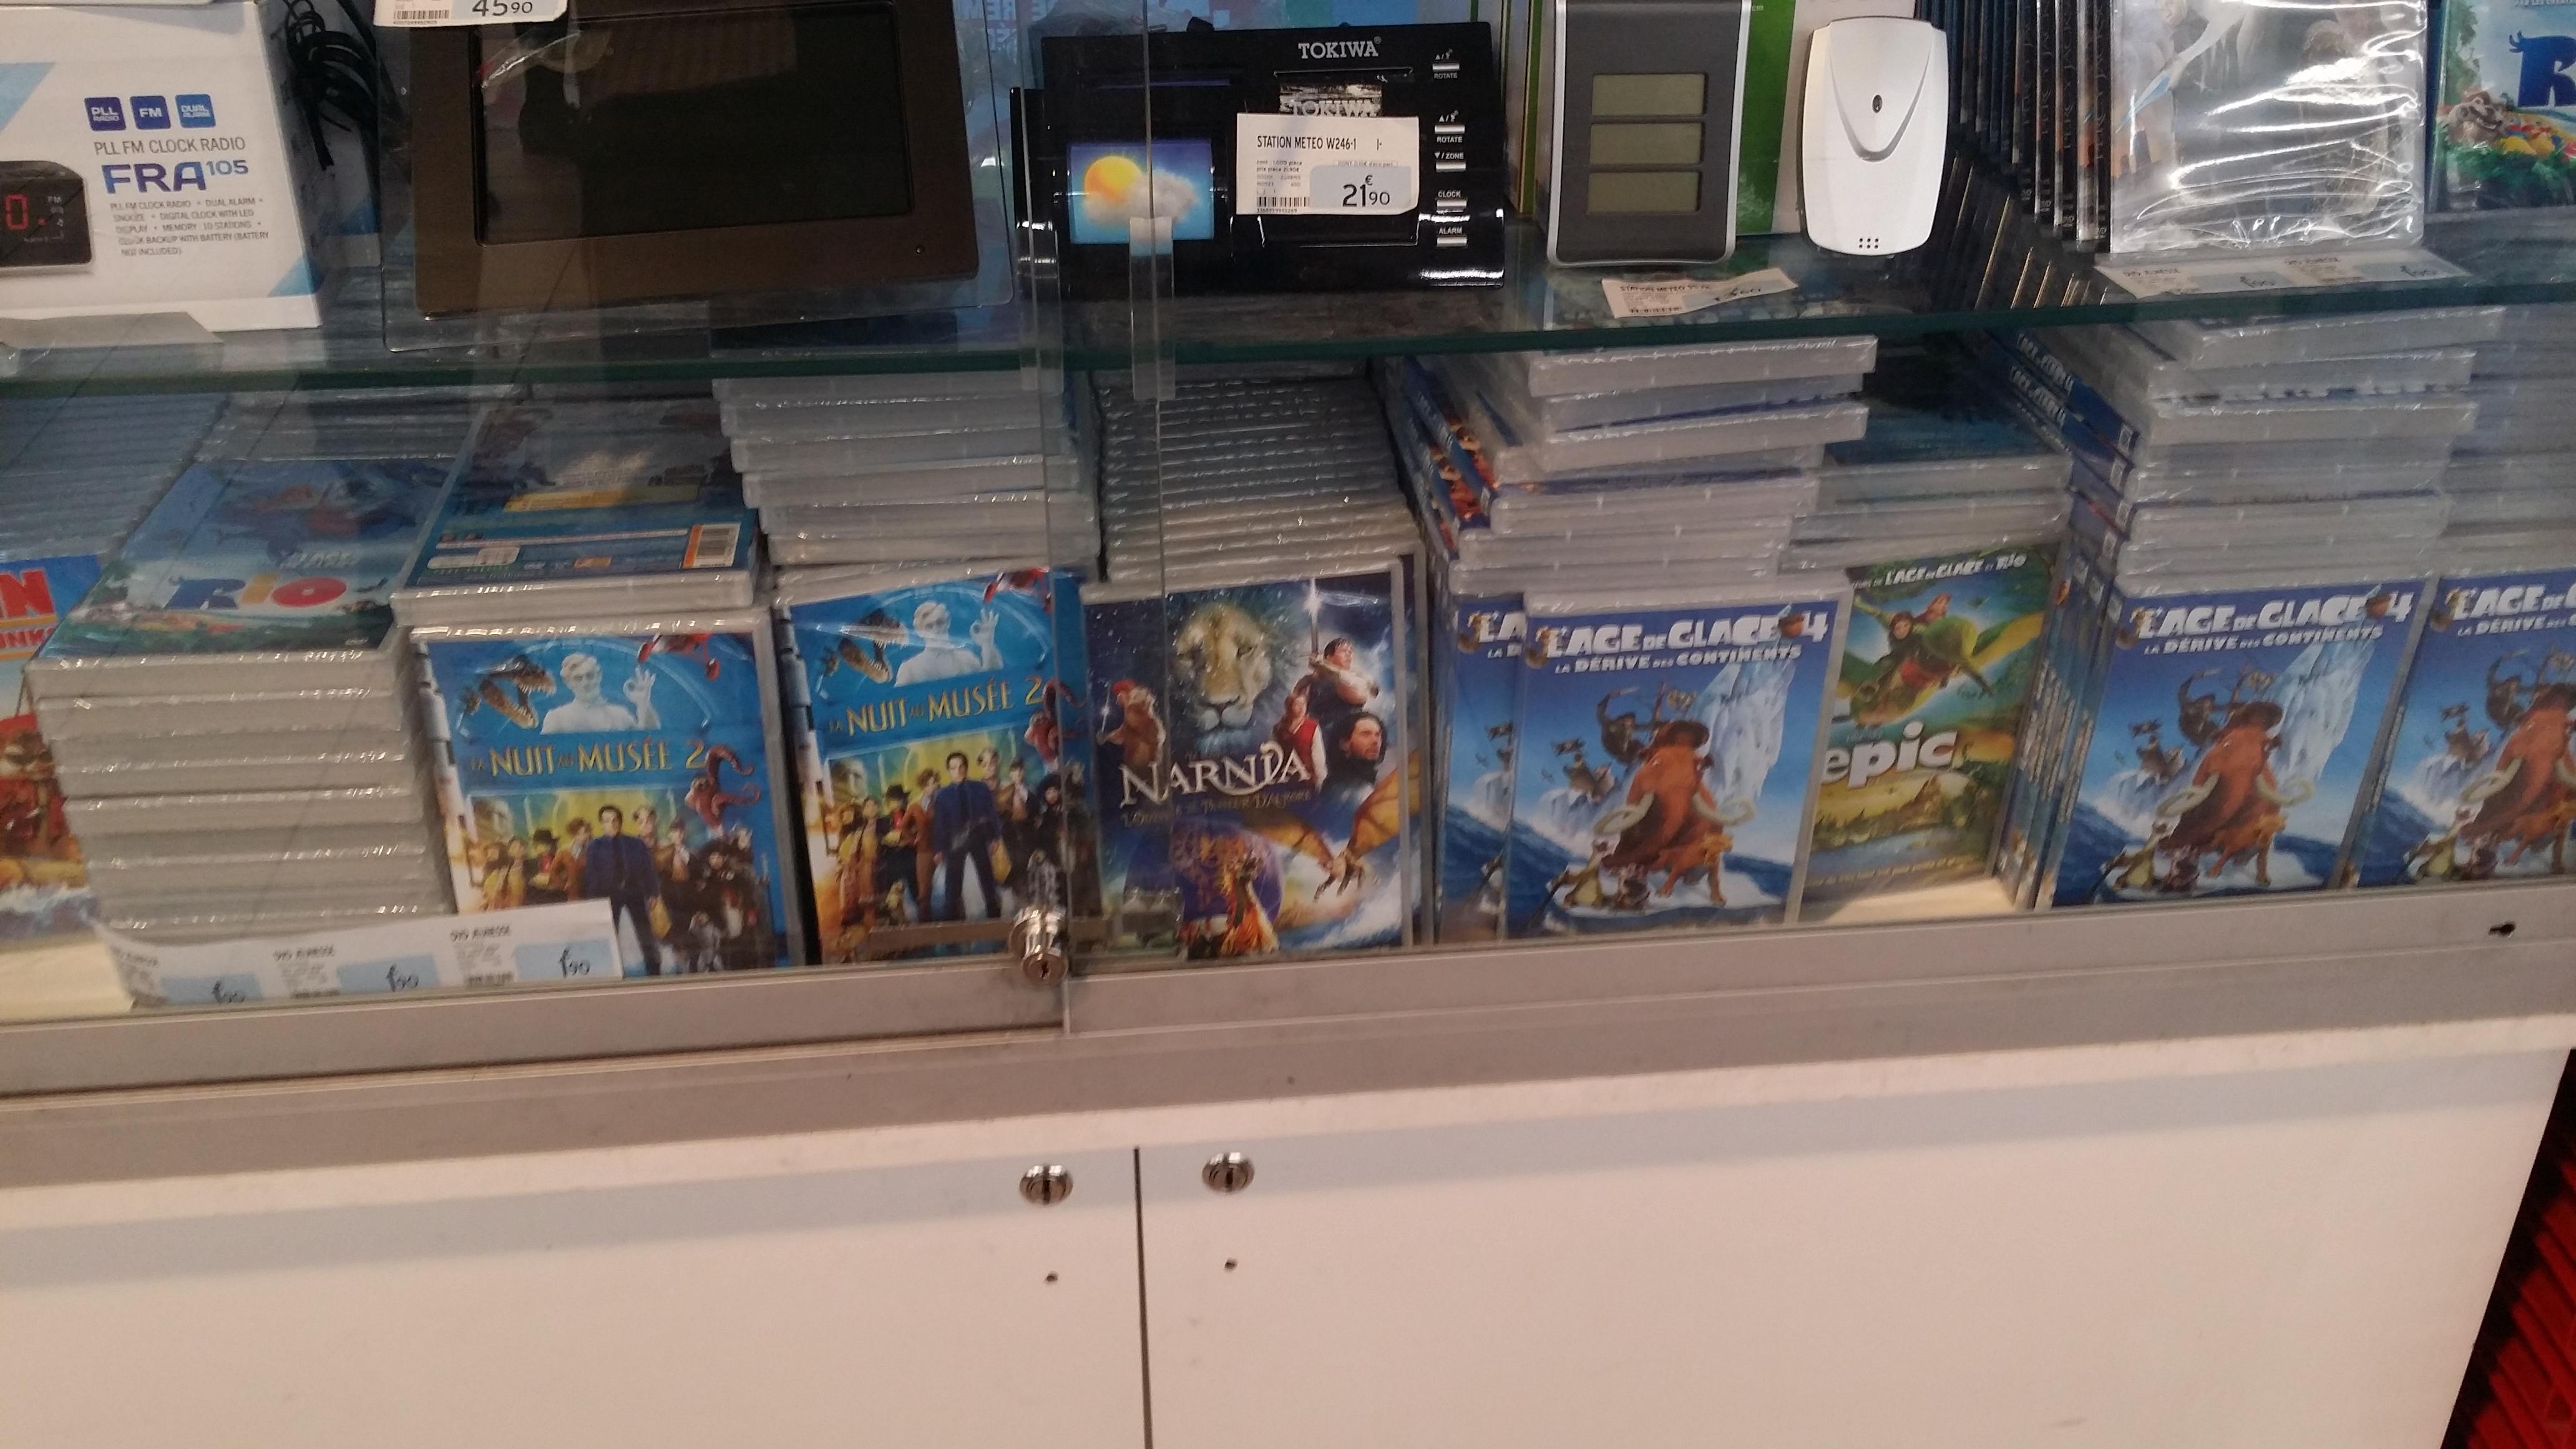 Sélection de DVD Jeunesse (Age des glaces 4, Le monde de Narnia, Rio, etc)